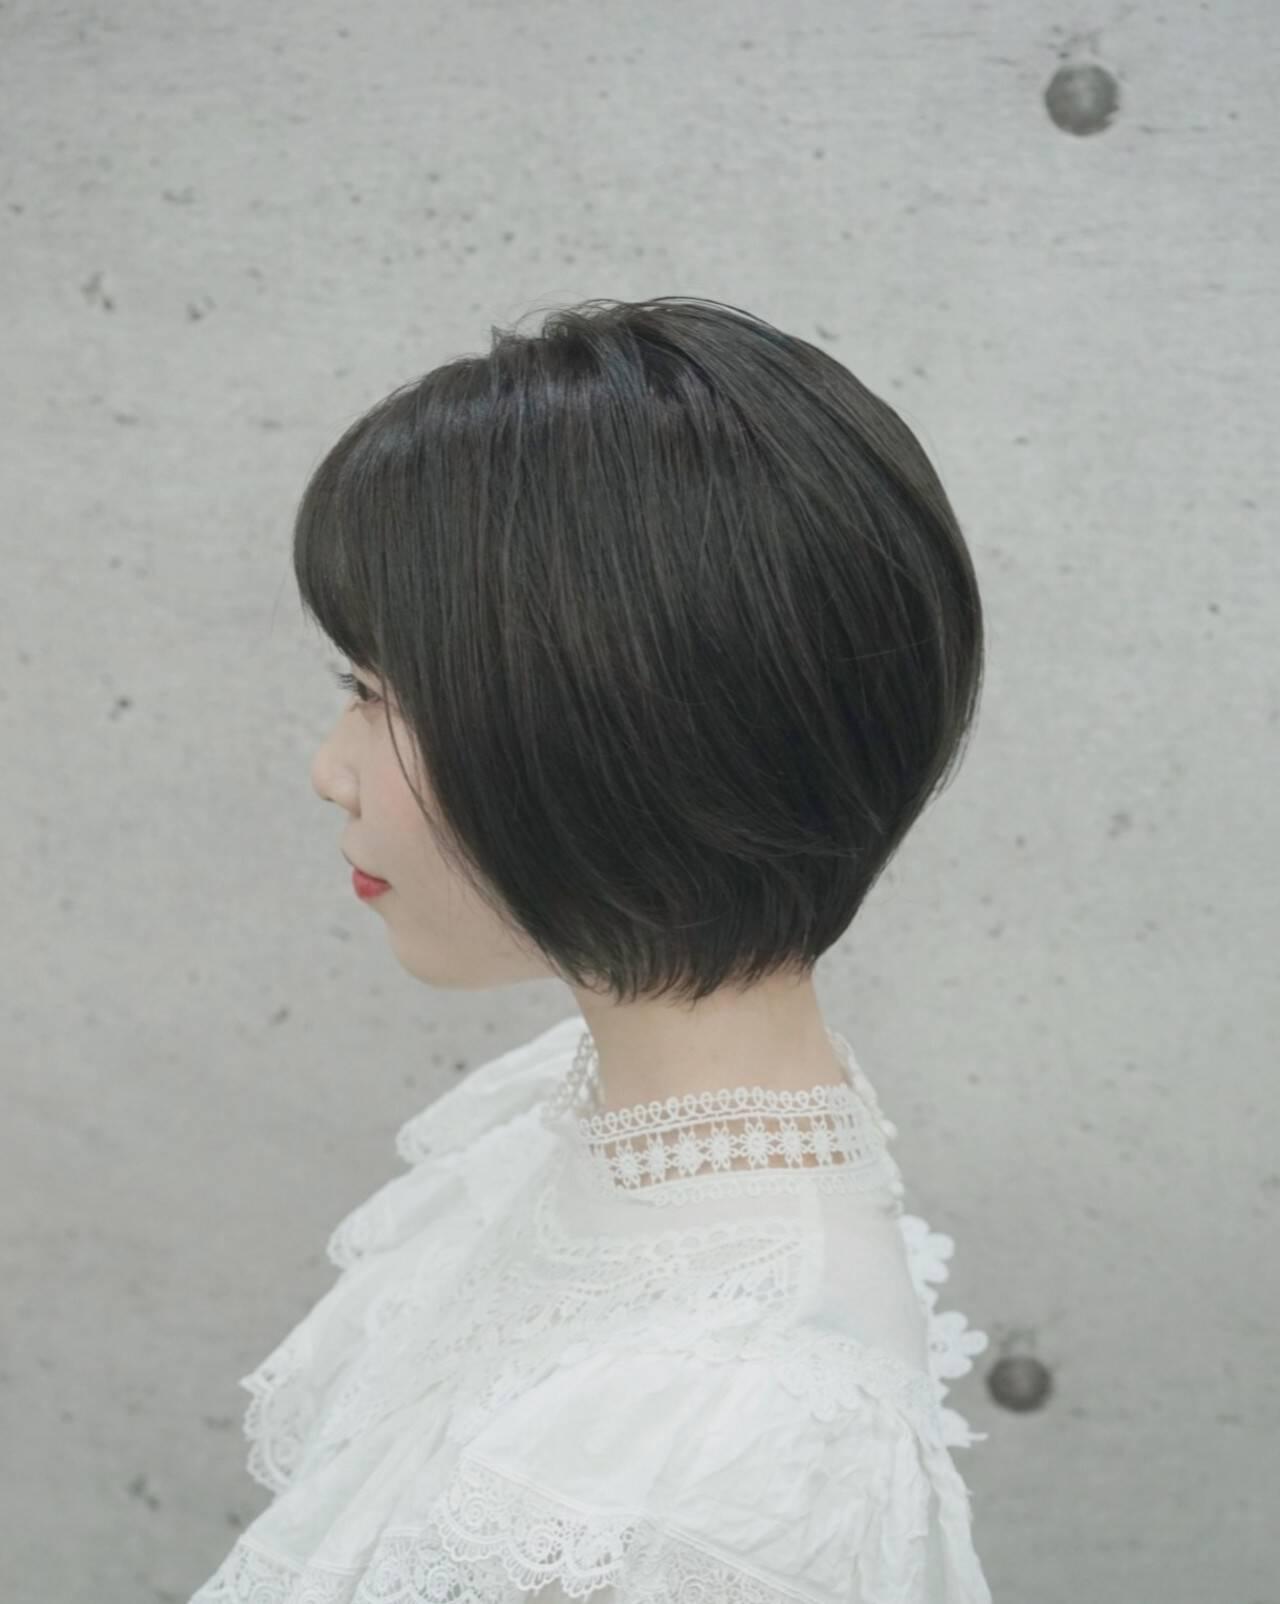 女子力 ナチュラル ショートヘア ベリーショートヘアスタイルや髪型の写真・画像